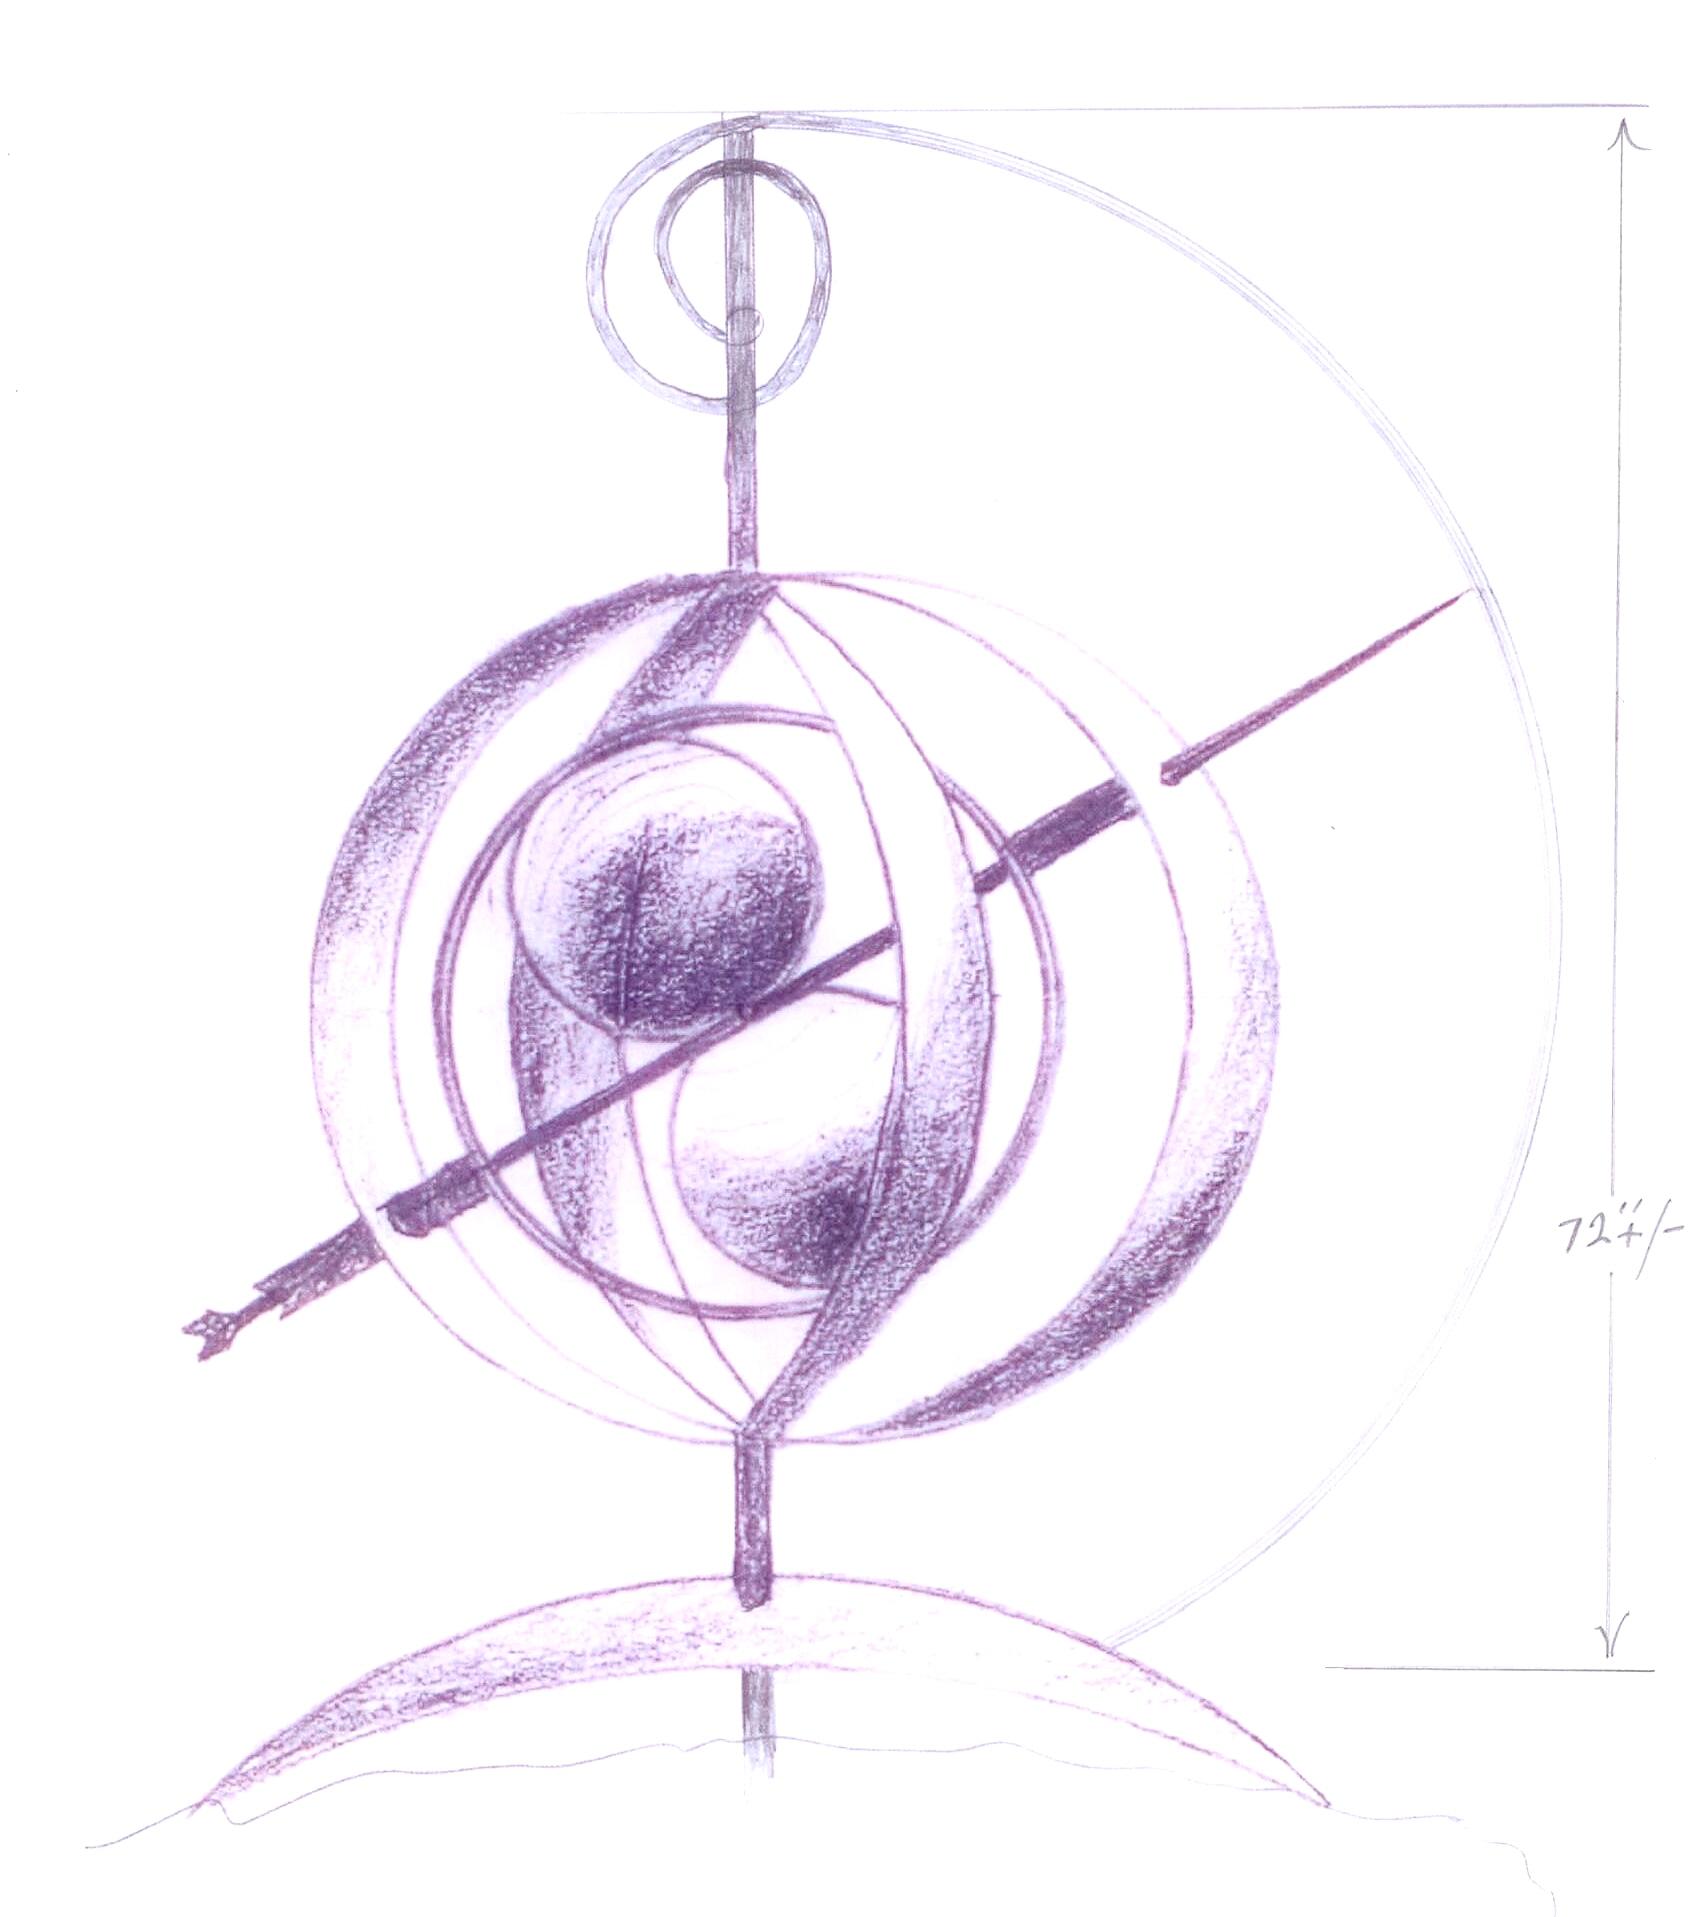 Jackie, Astrolabe